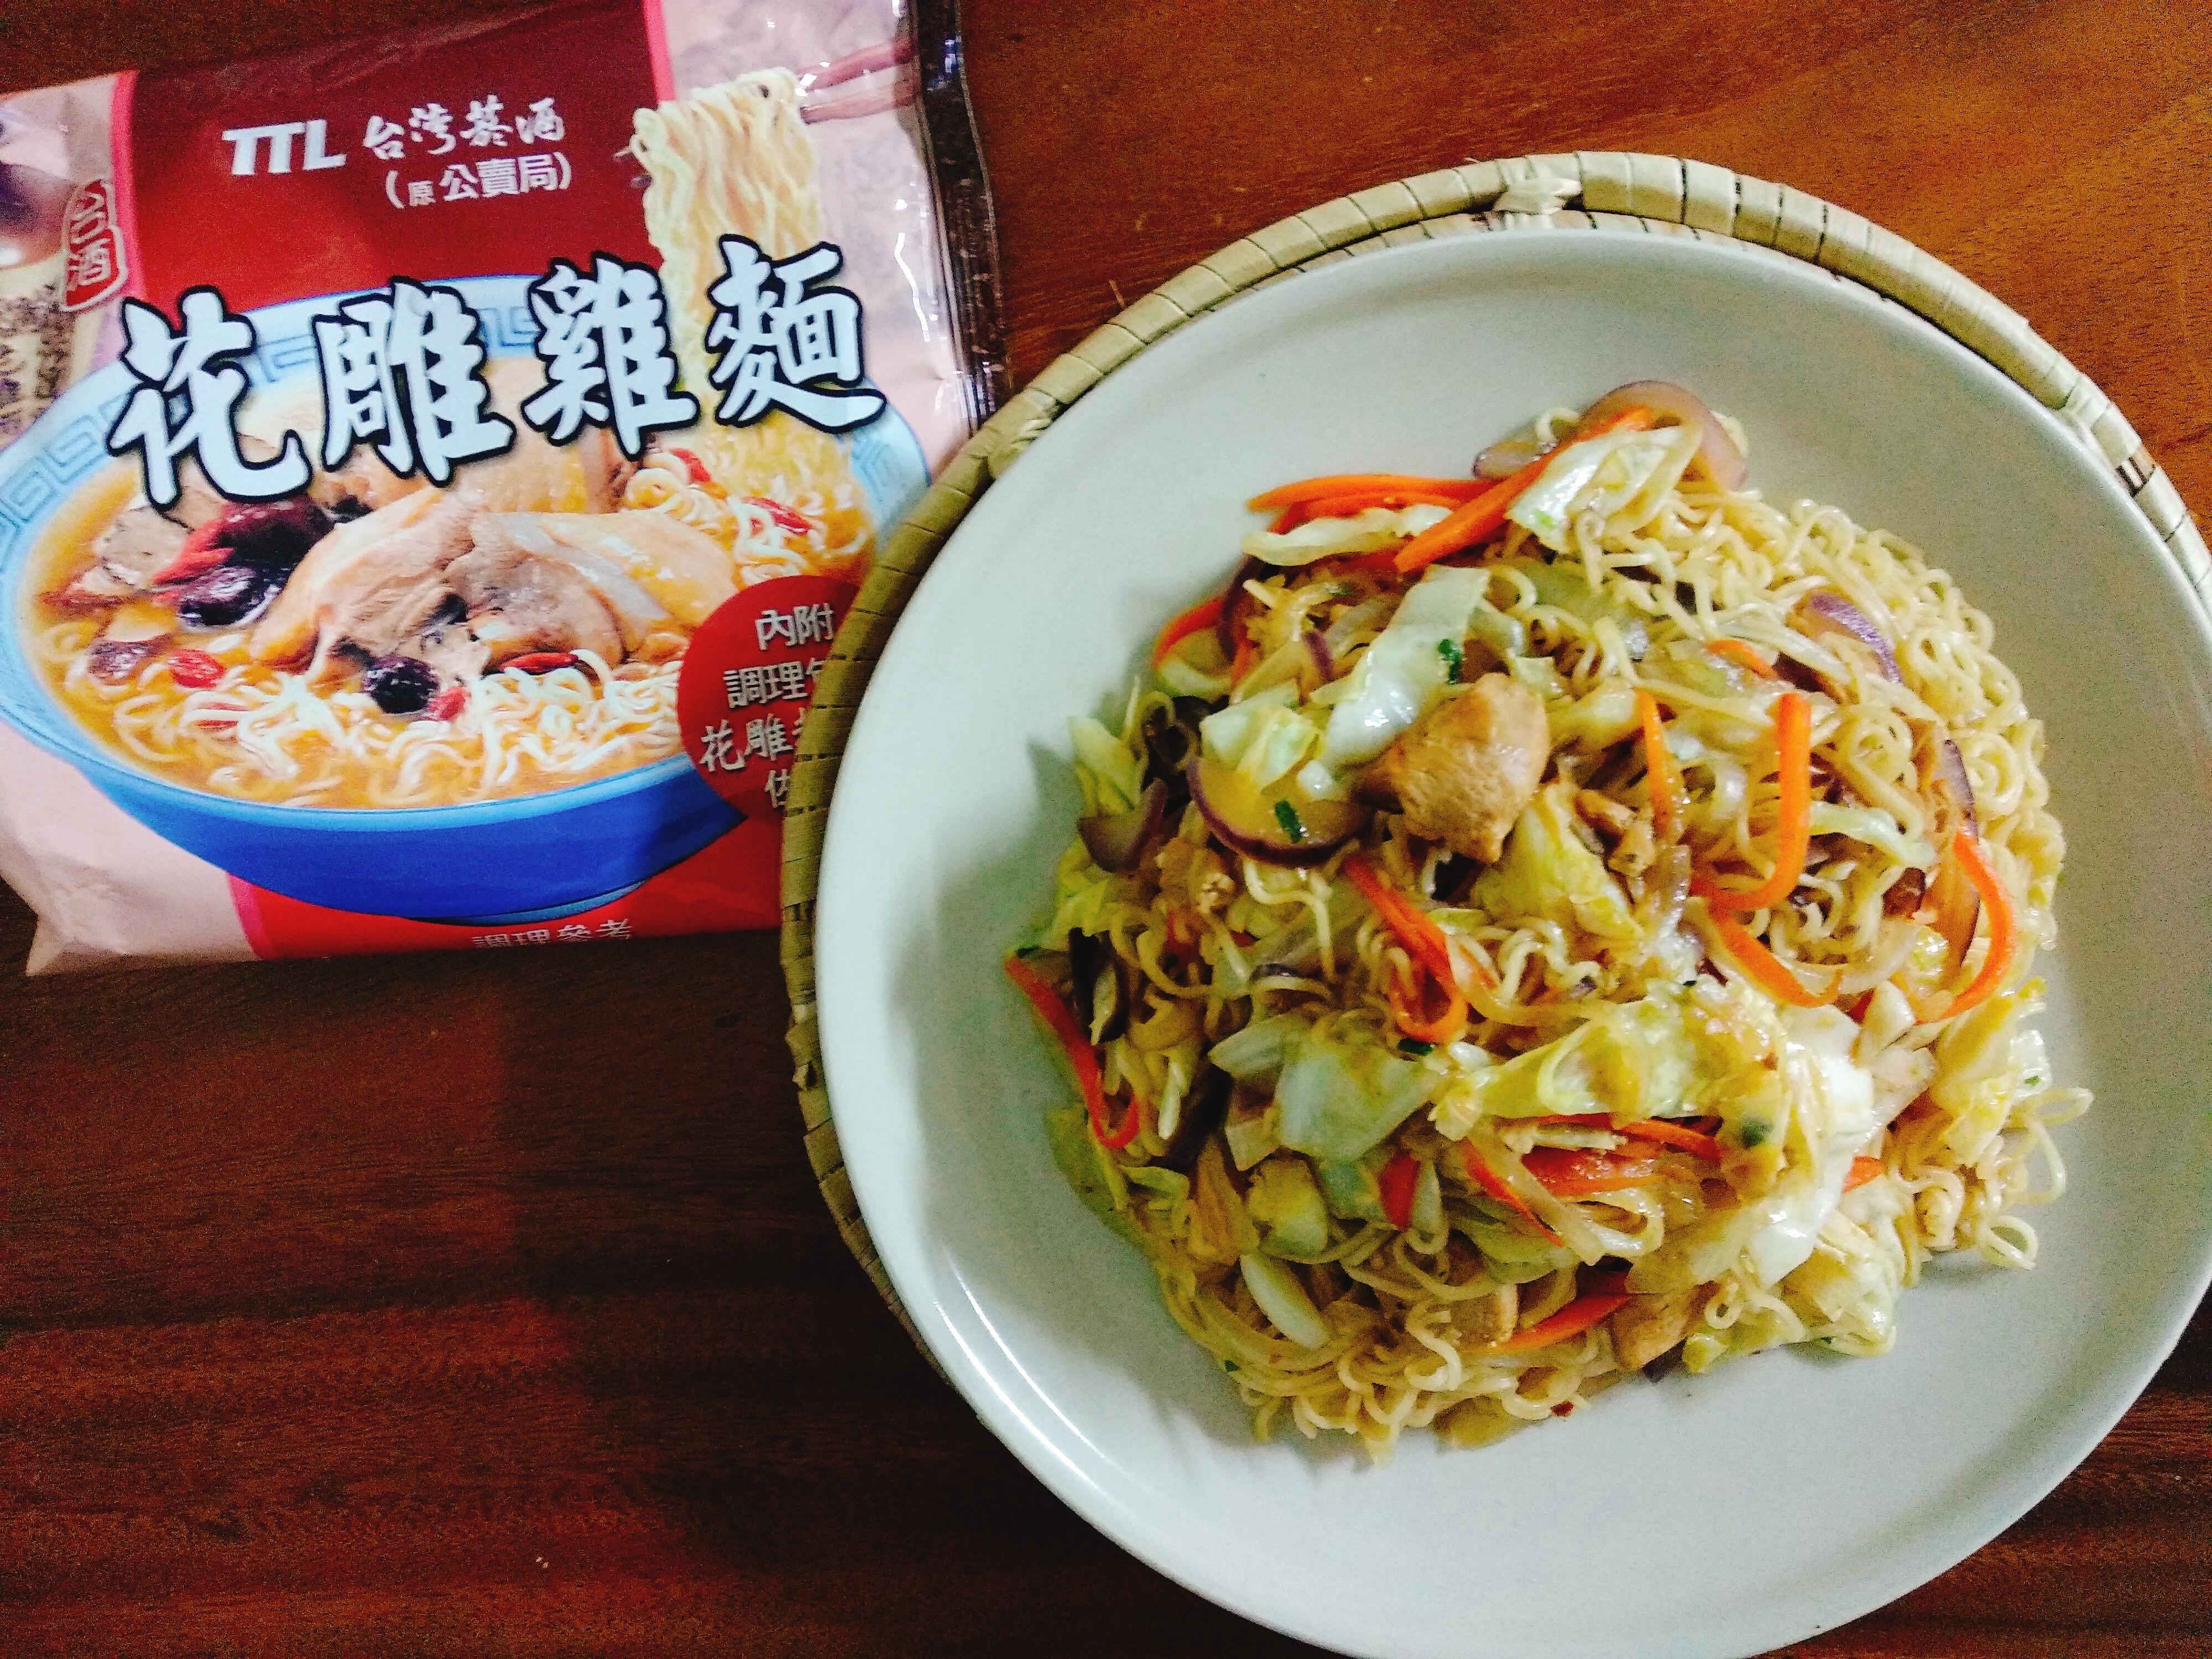 台酒花雕雞鮮蔬炒麵一超簡單